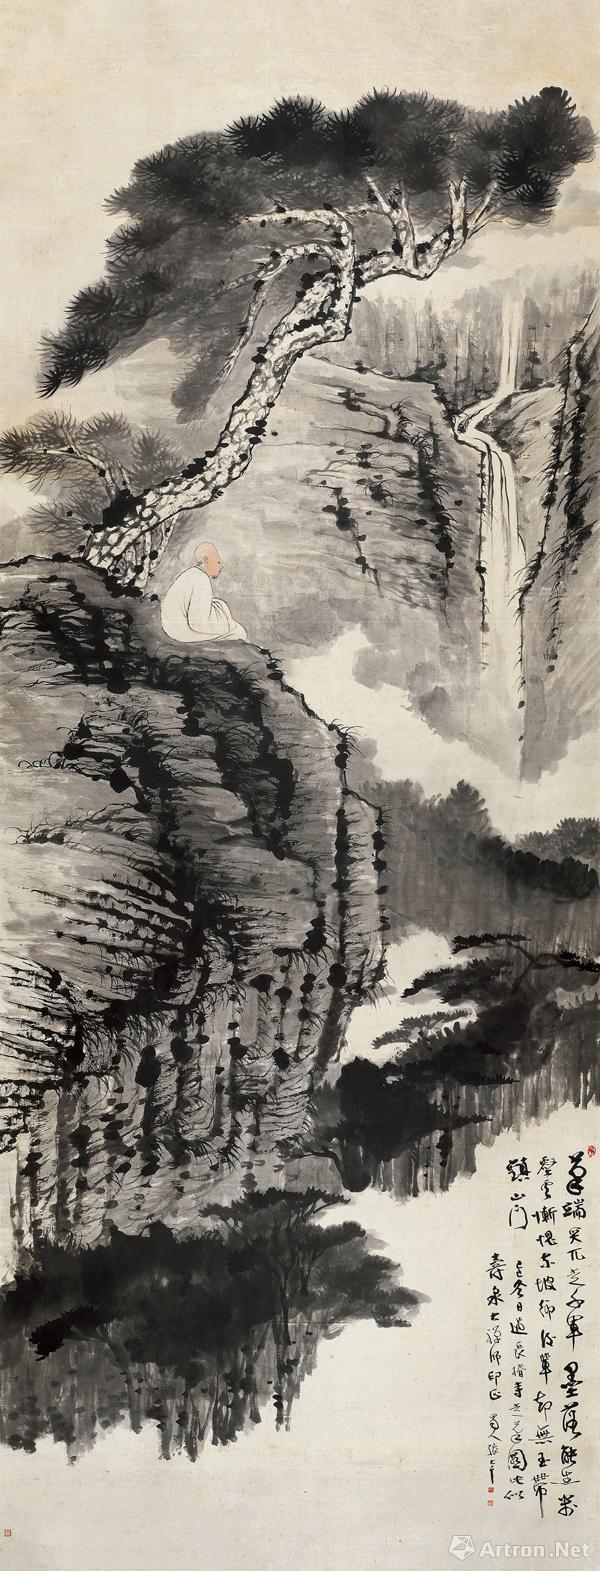 张大千 松下观瀑图镜片设色纸本 1929年作 361×140.5 cm